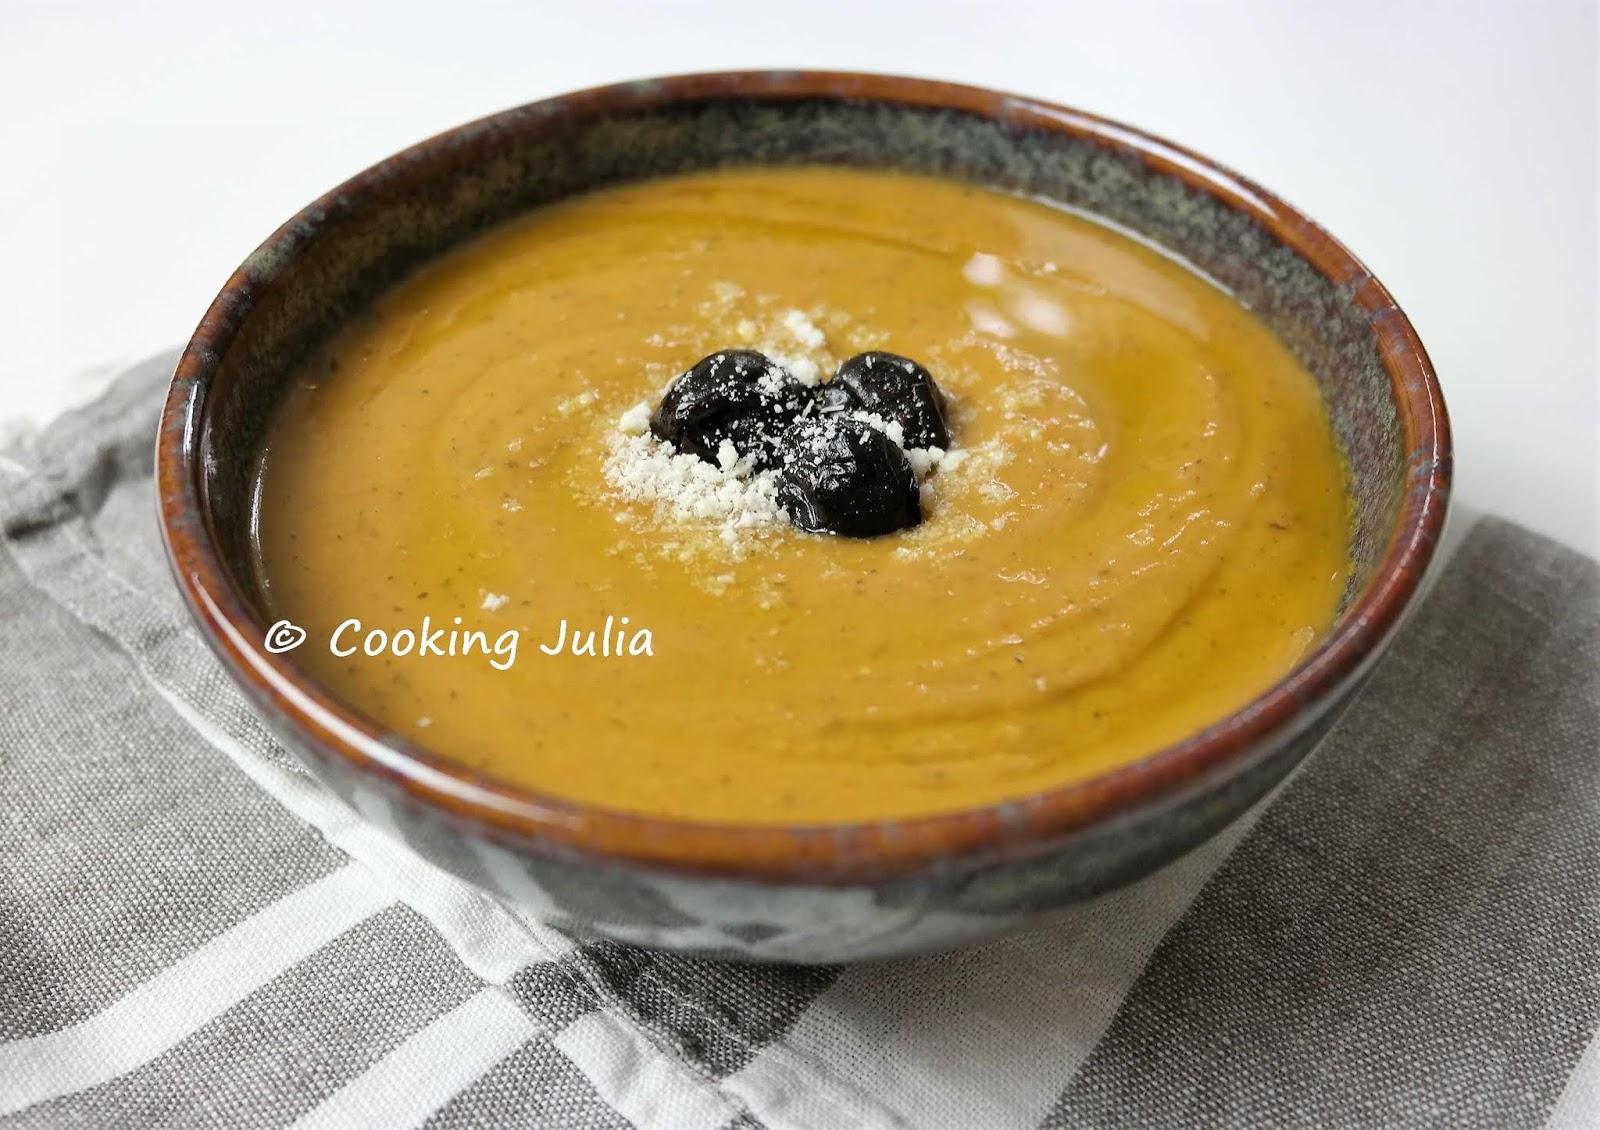 Cooking Julia Veloute De Legumes Du Soleil